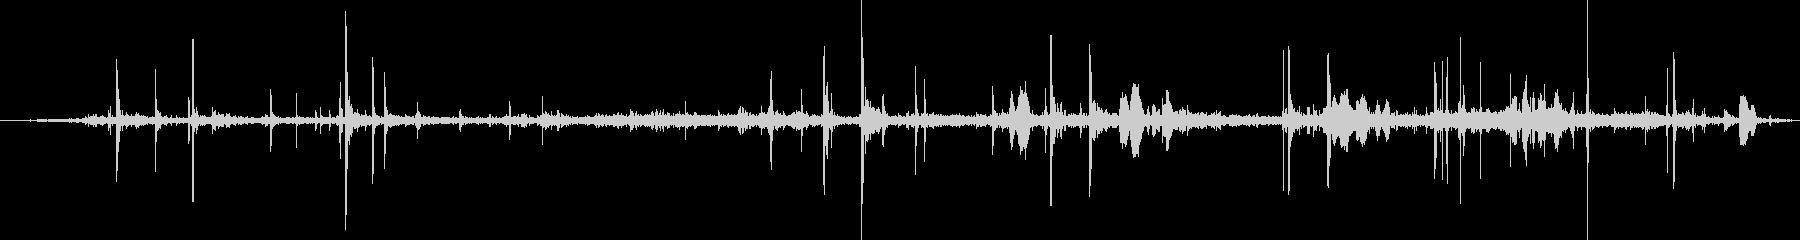 子供ベルベル1-00の未再生の波形